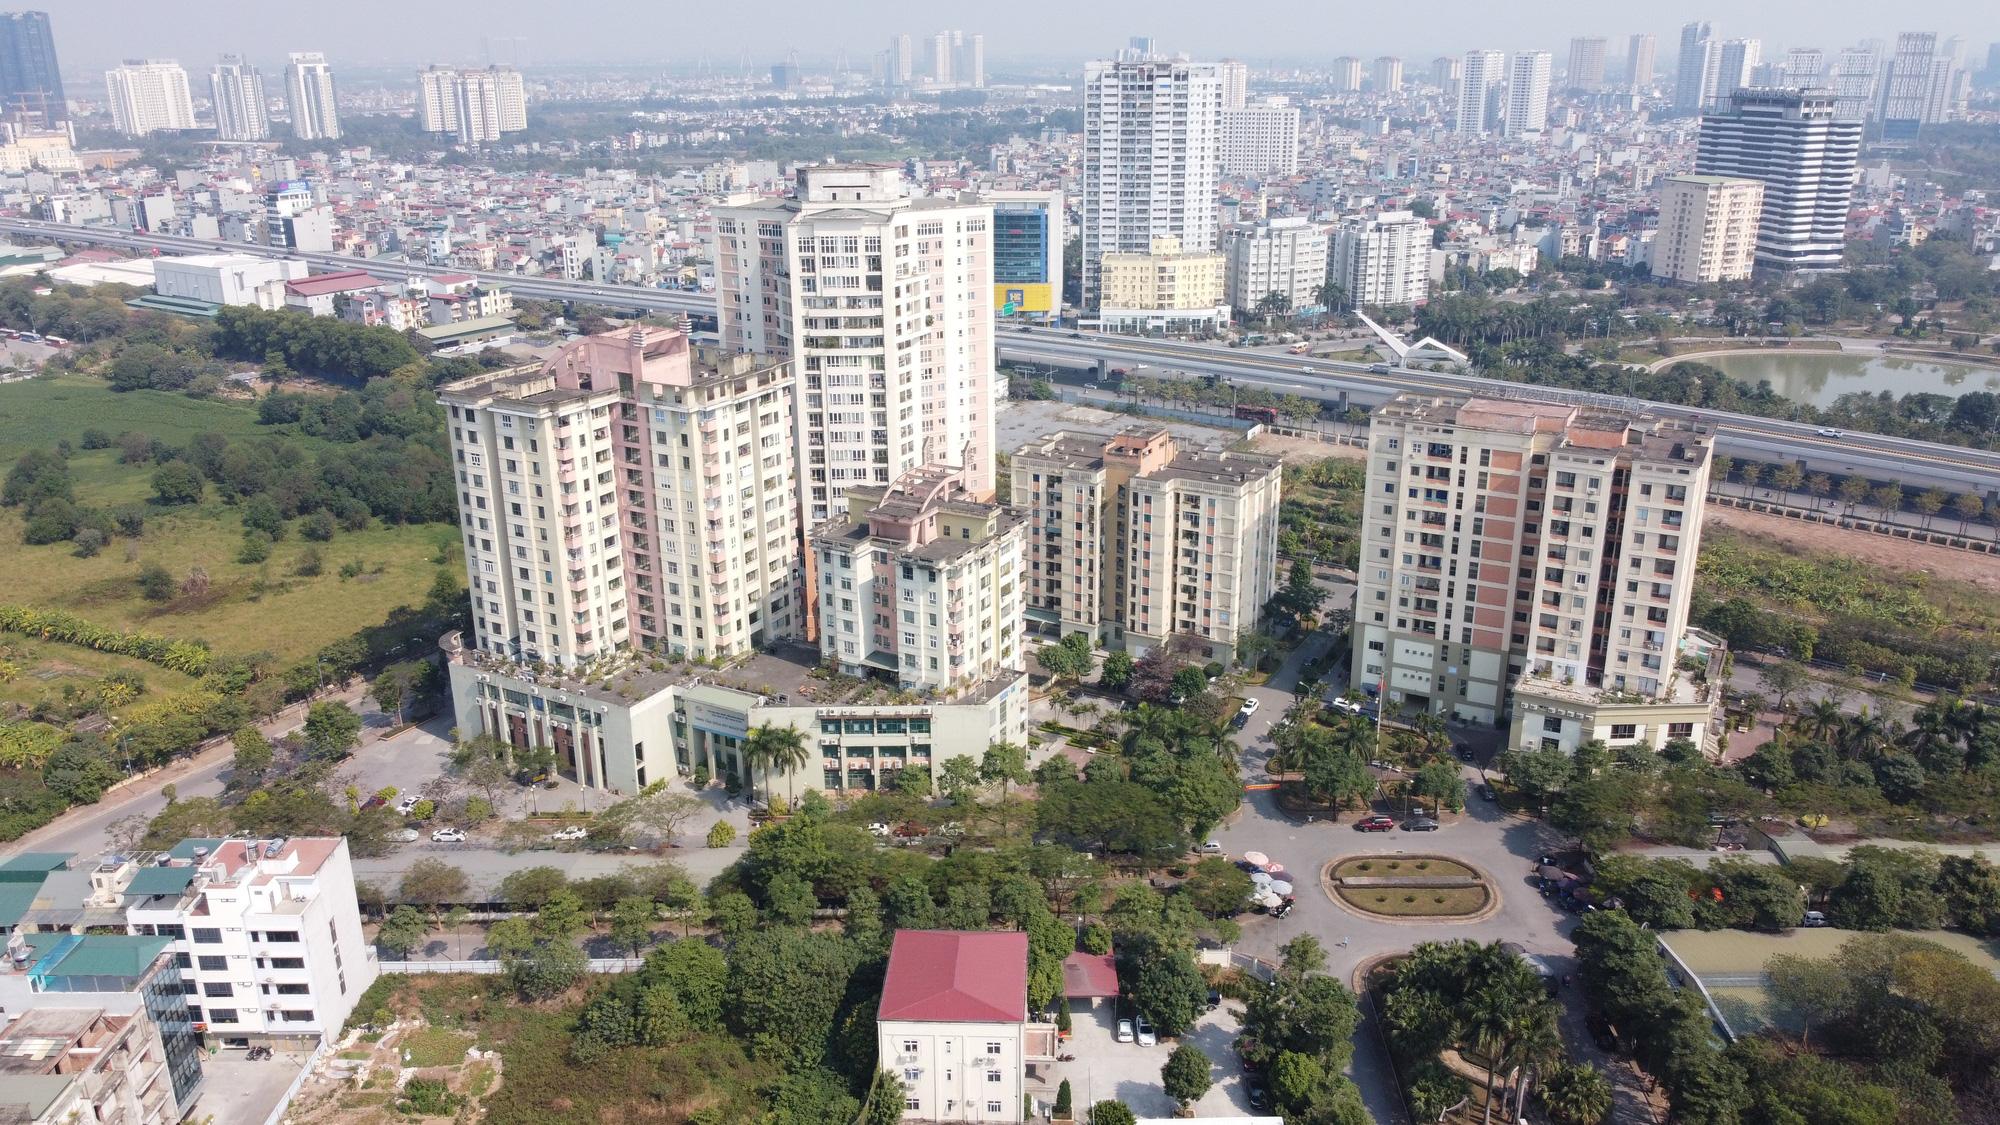 Hà Nội đang điều chỉnh quy hoạch gần 15.000 m2 đất tại KĐT Resco Cổ Nhuế - Xuân Đỉnh - Ảnh 1.